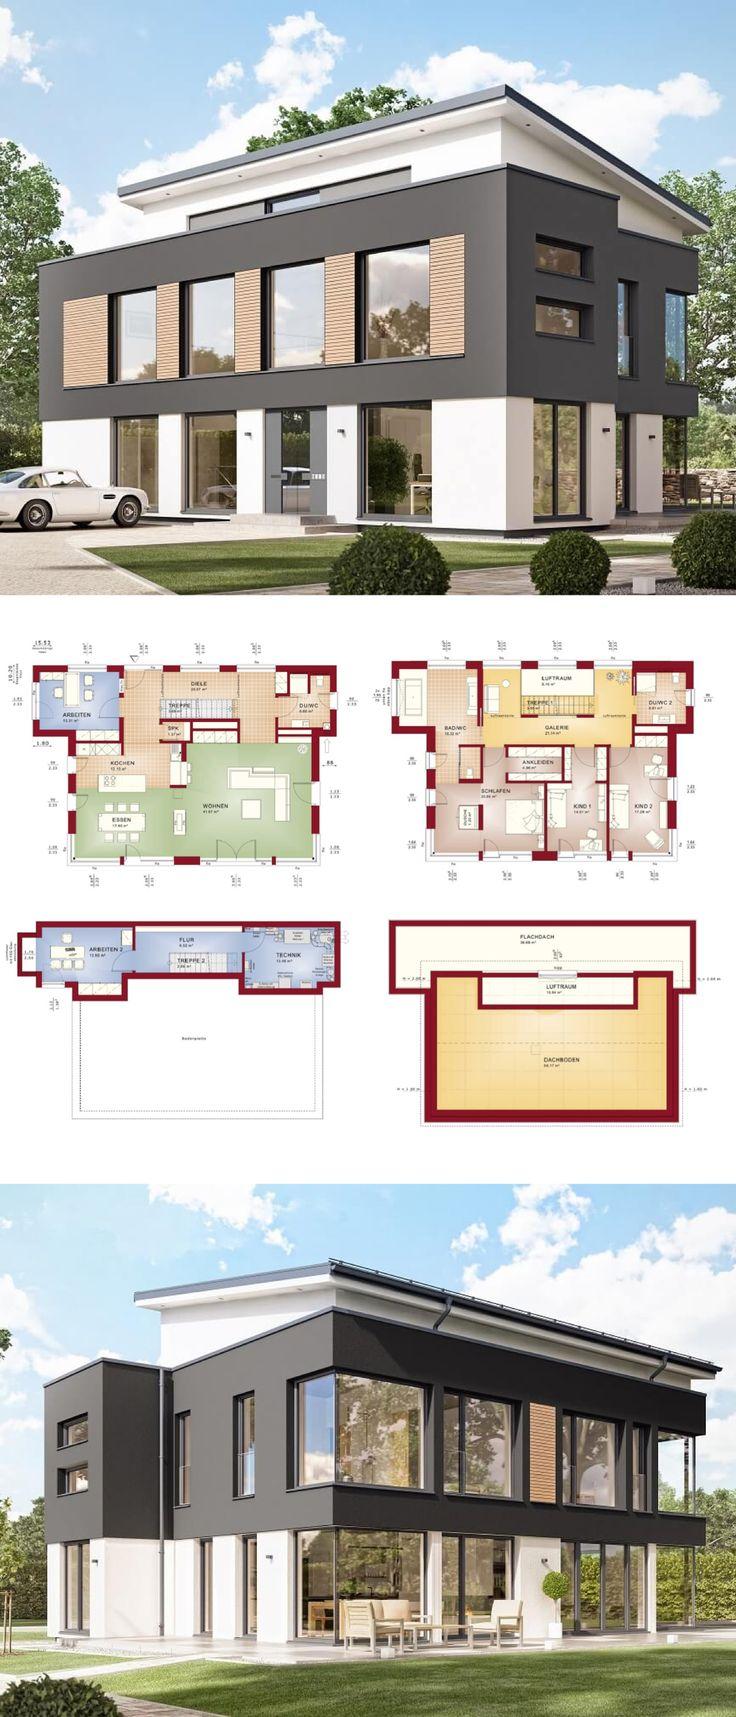 Vila moderna, com galeria e arquitetura de telhado penteado, fachada cinza – constru …   – Architektur